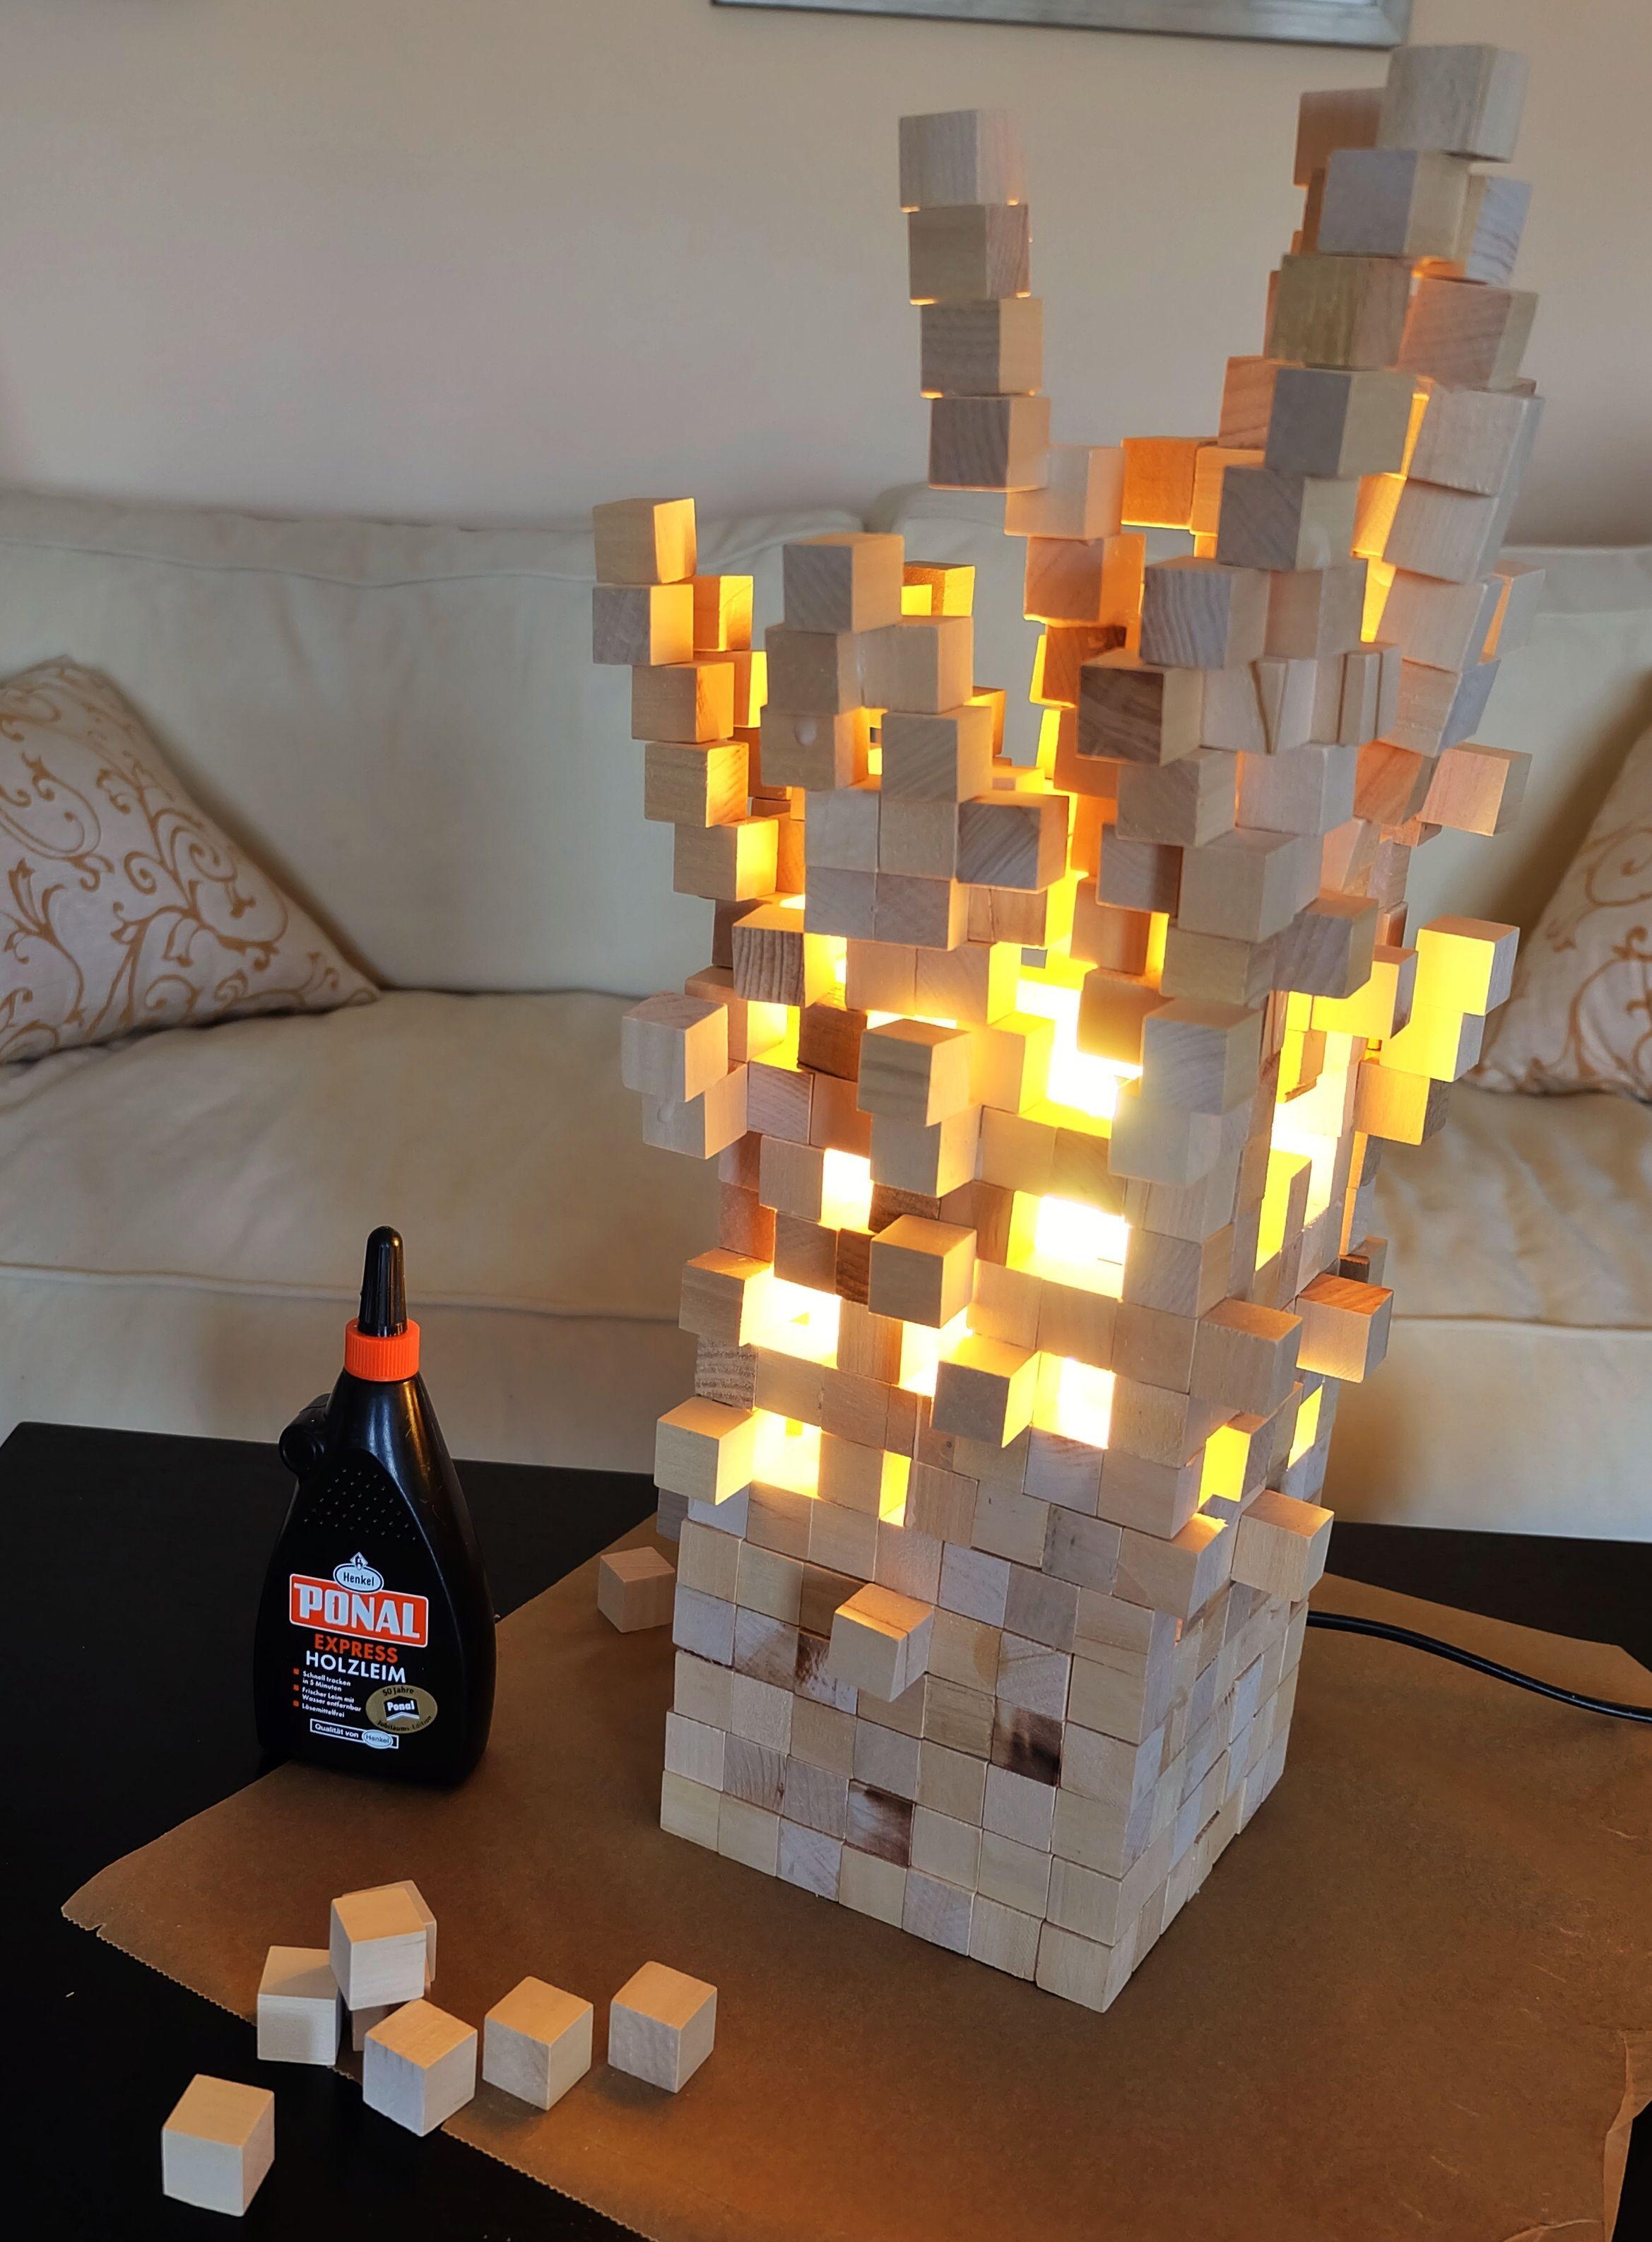 Top View Artofit Wood Wall Art Diy Minecraft Bedroom Decor Cube Lamps